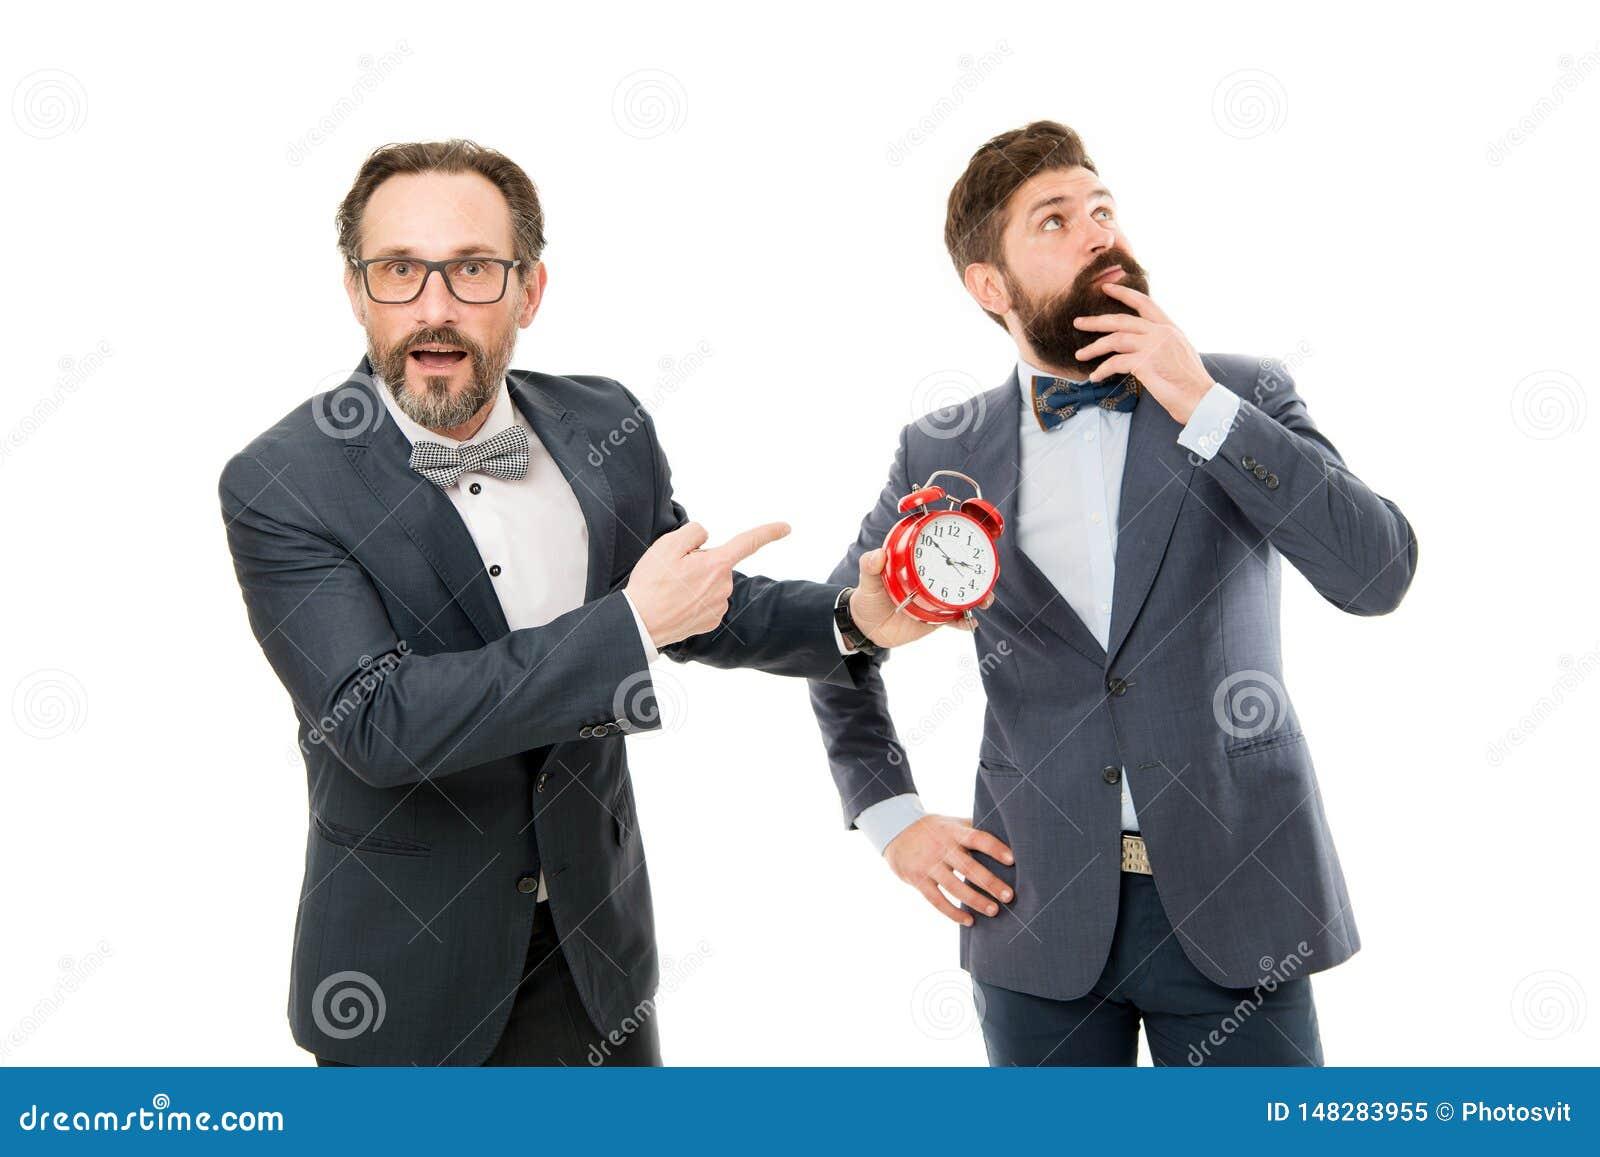 Поздно снова сердитые бизнесмены плохое утро много работа контроль времени зрелые бородатые люди в официальном сигнале тревоги вл